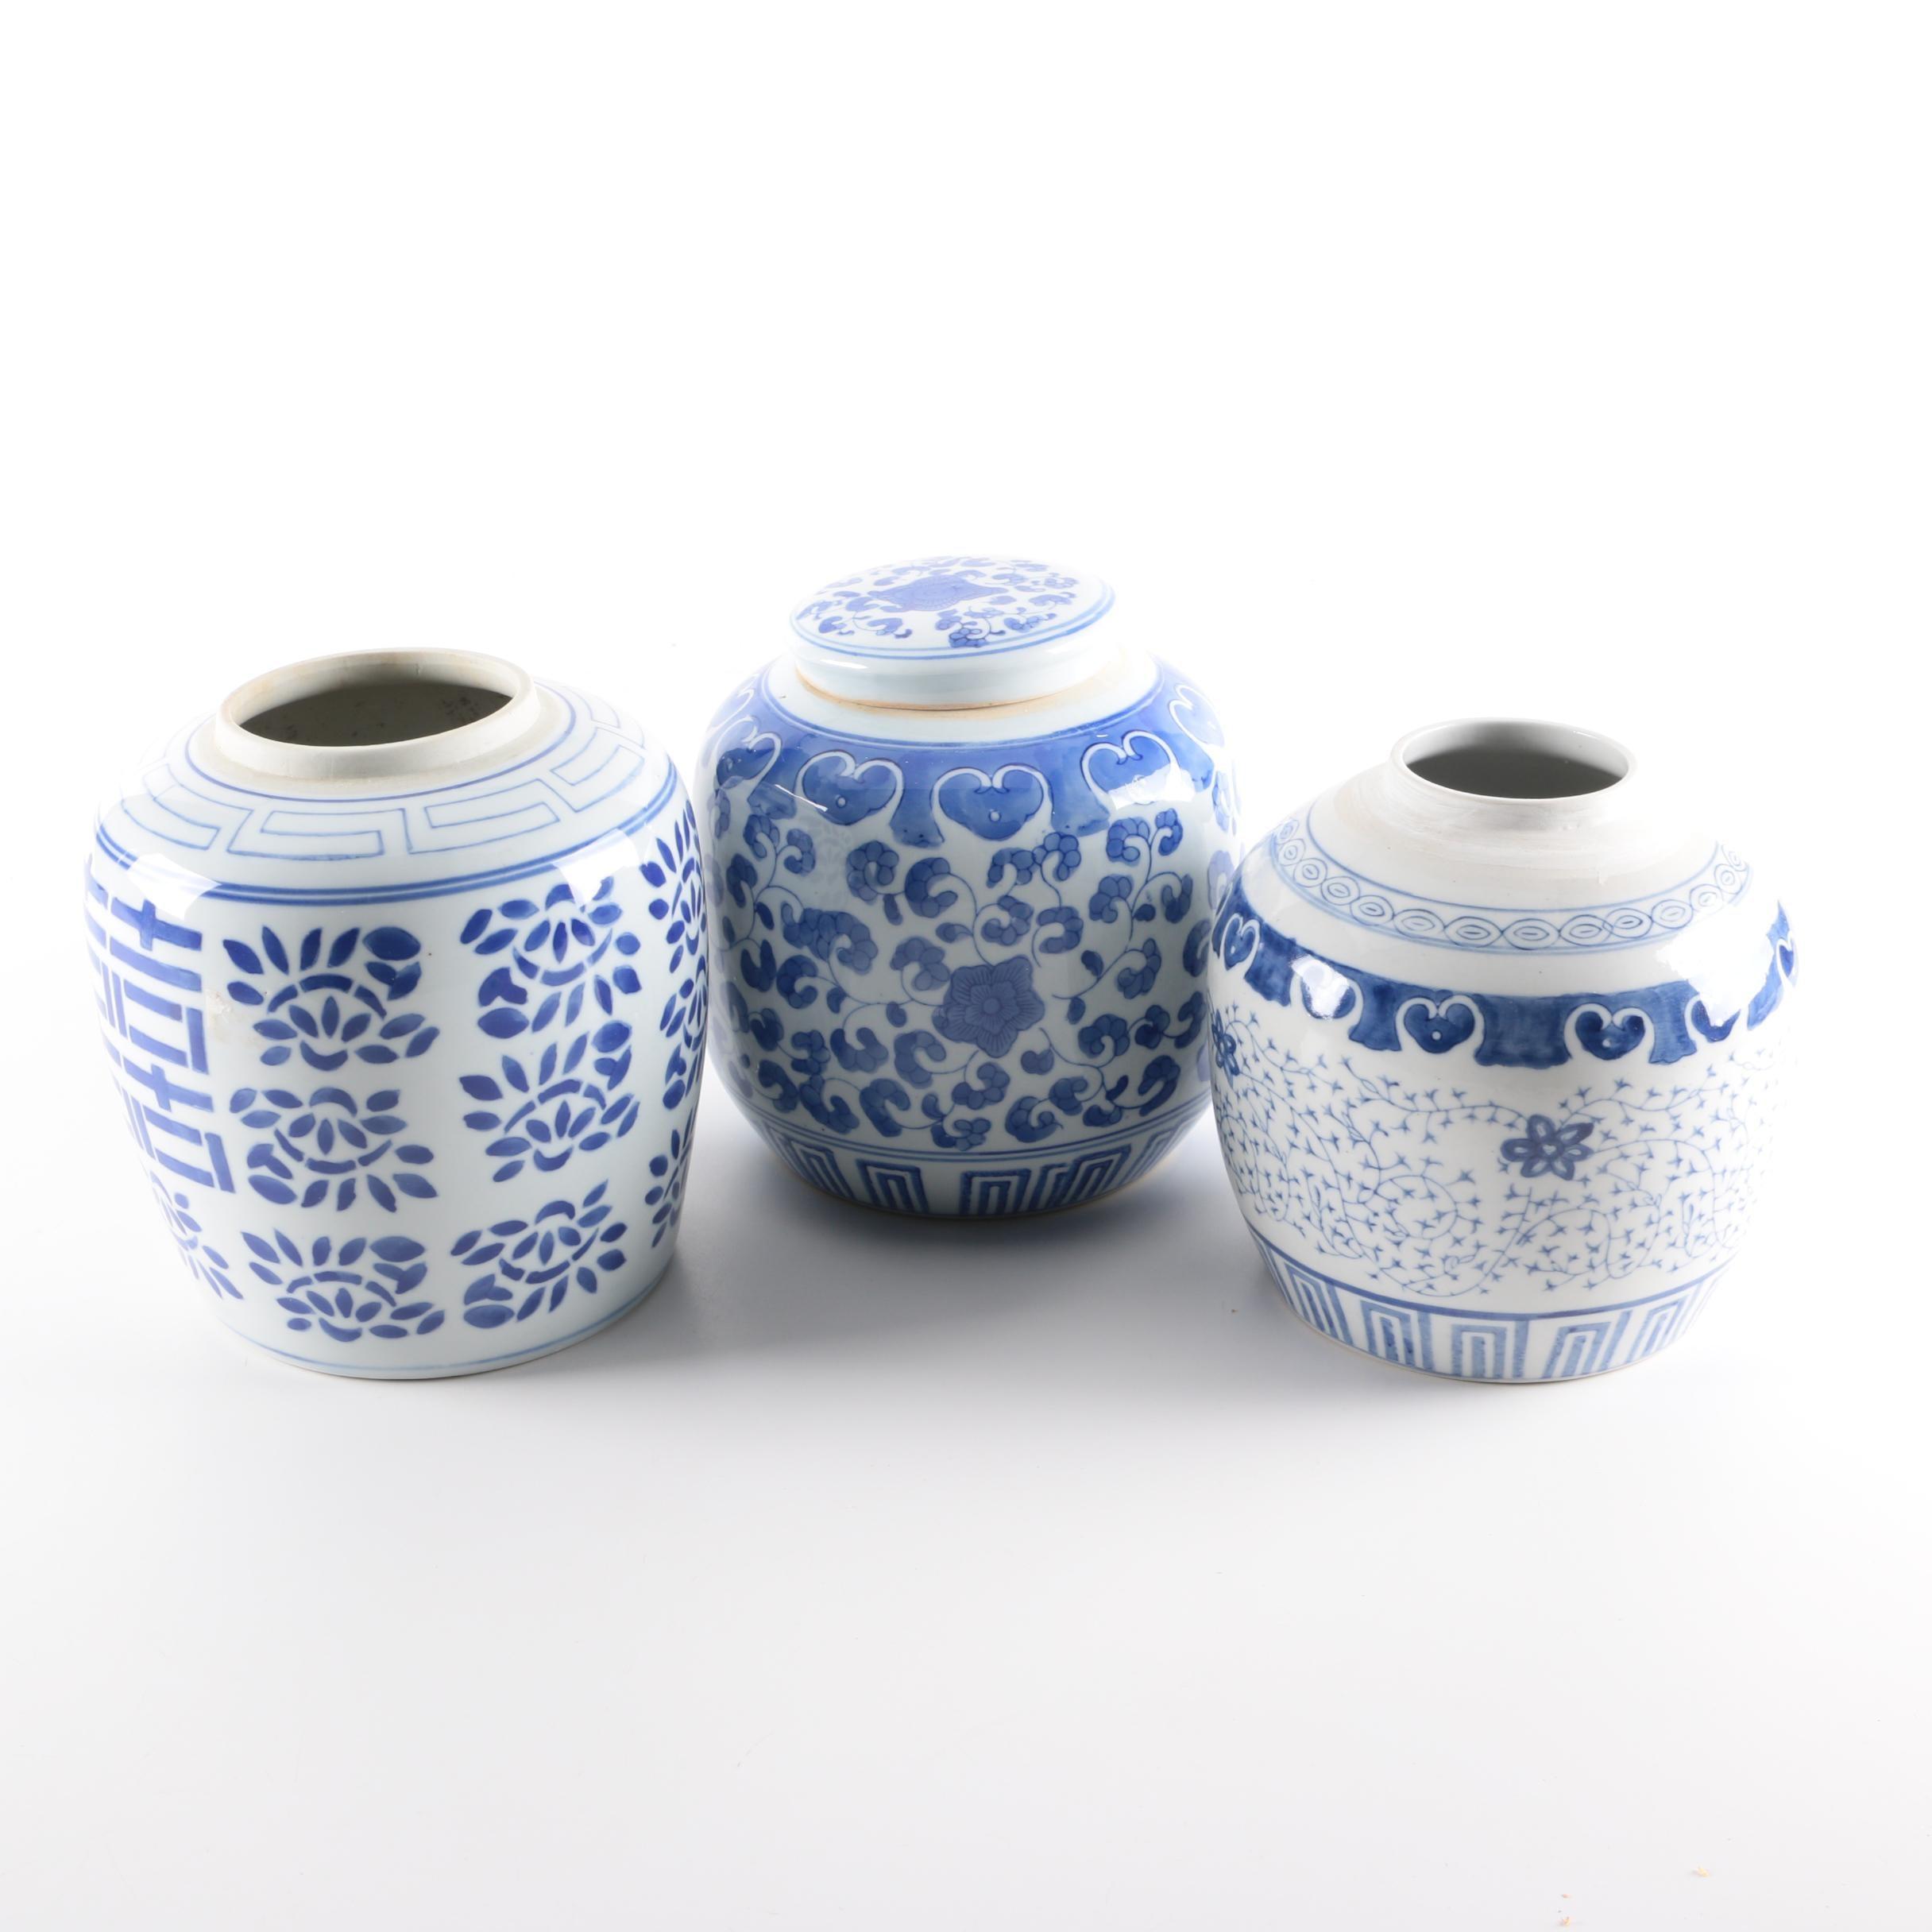 Chinese Blue and White Ceramic Jars